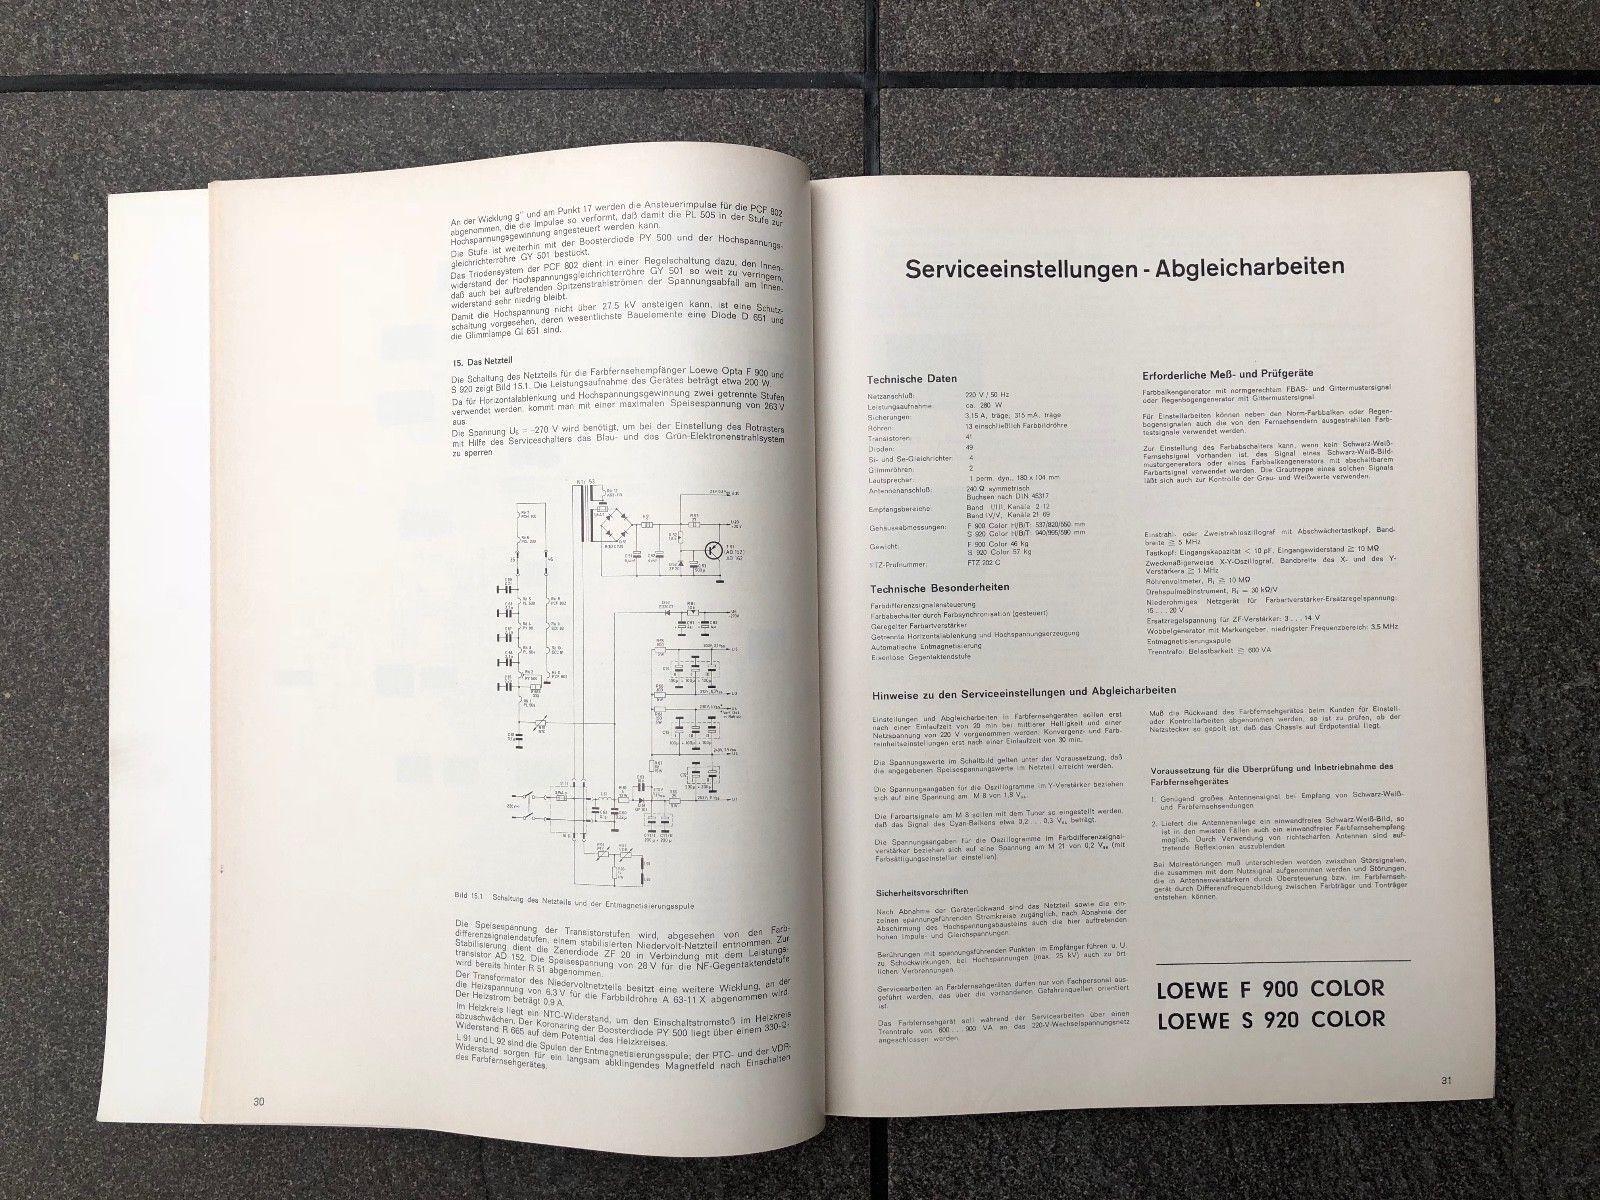 Loewe Opta Service-DokumentationFarbfernsehgeräte Schaltungen von 1967 bis 1969